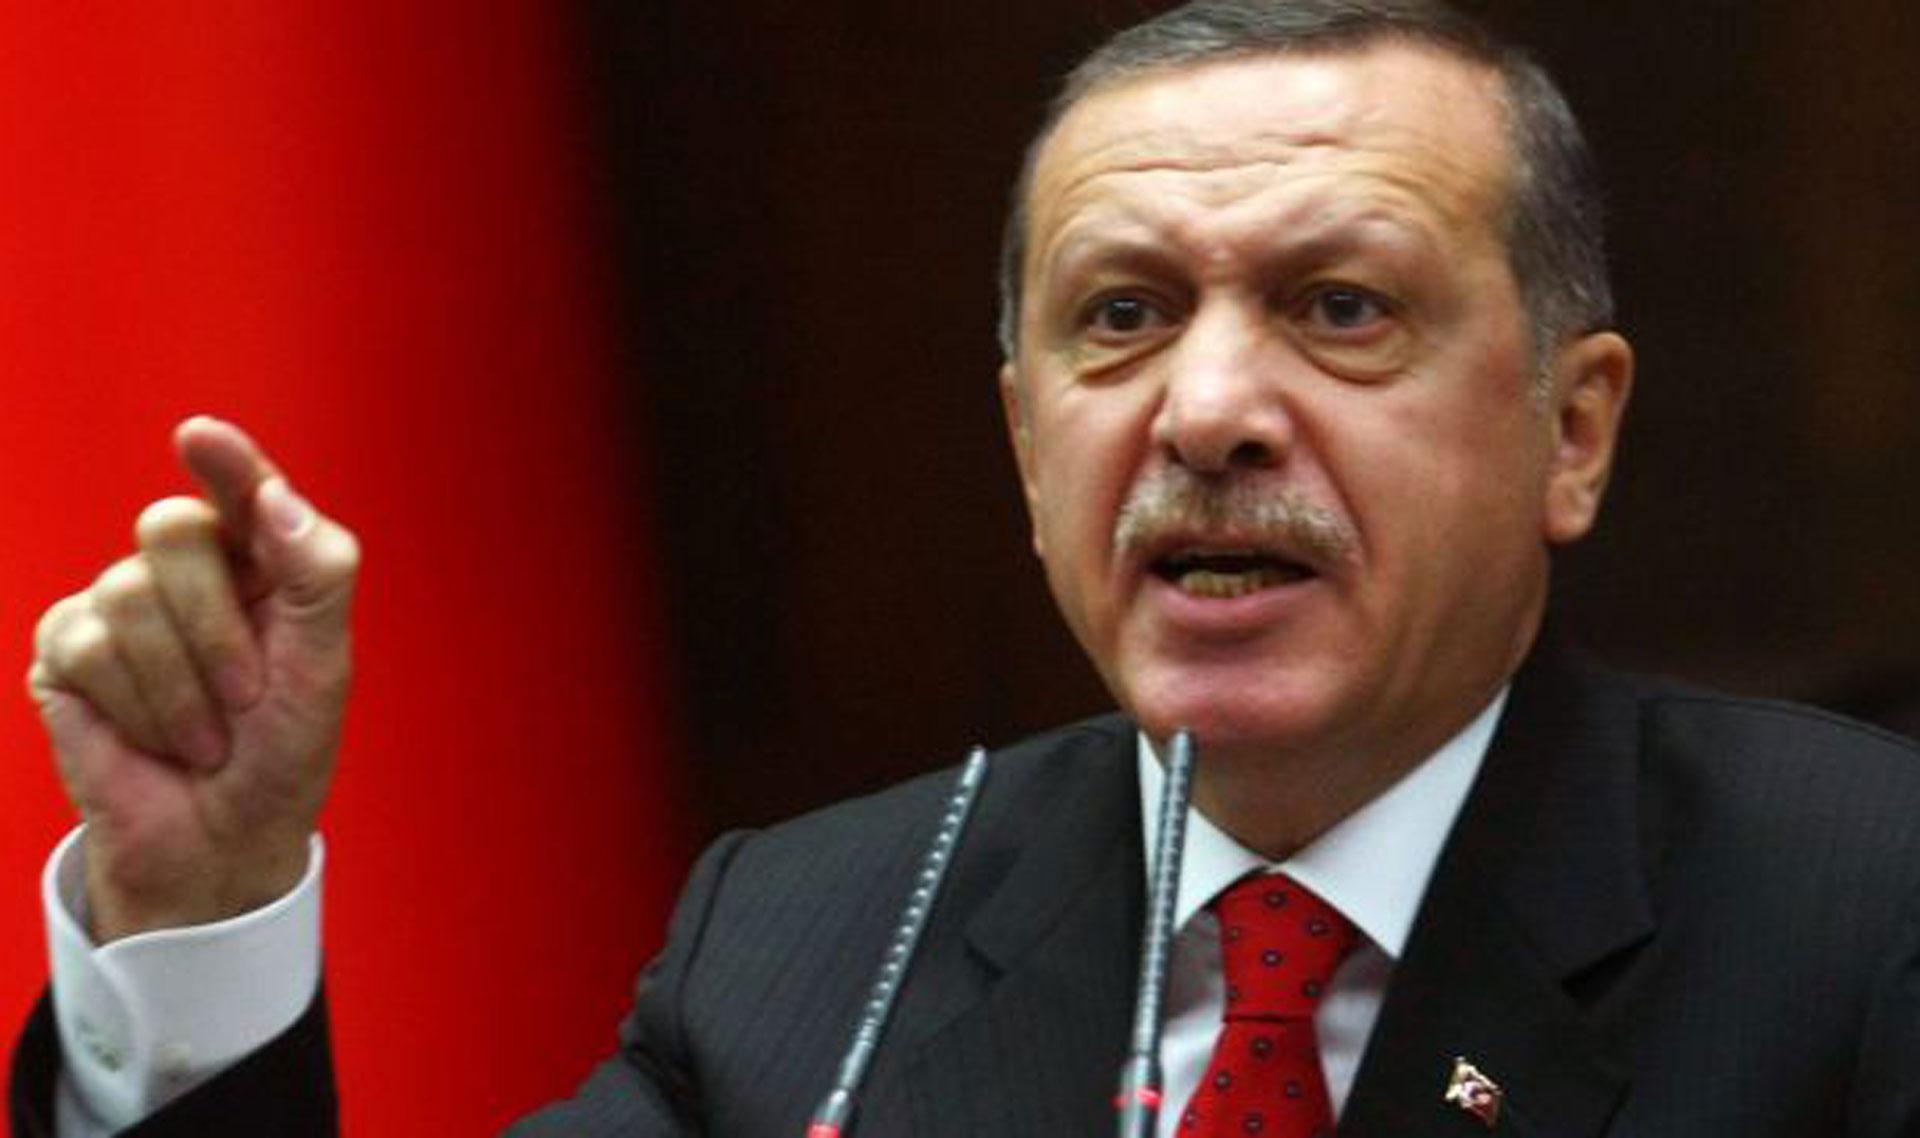 أردوغان: سنحبط المؤامرات ضد سوريا والعراق والشرق الأوسط وشمال إفريقيا